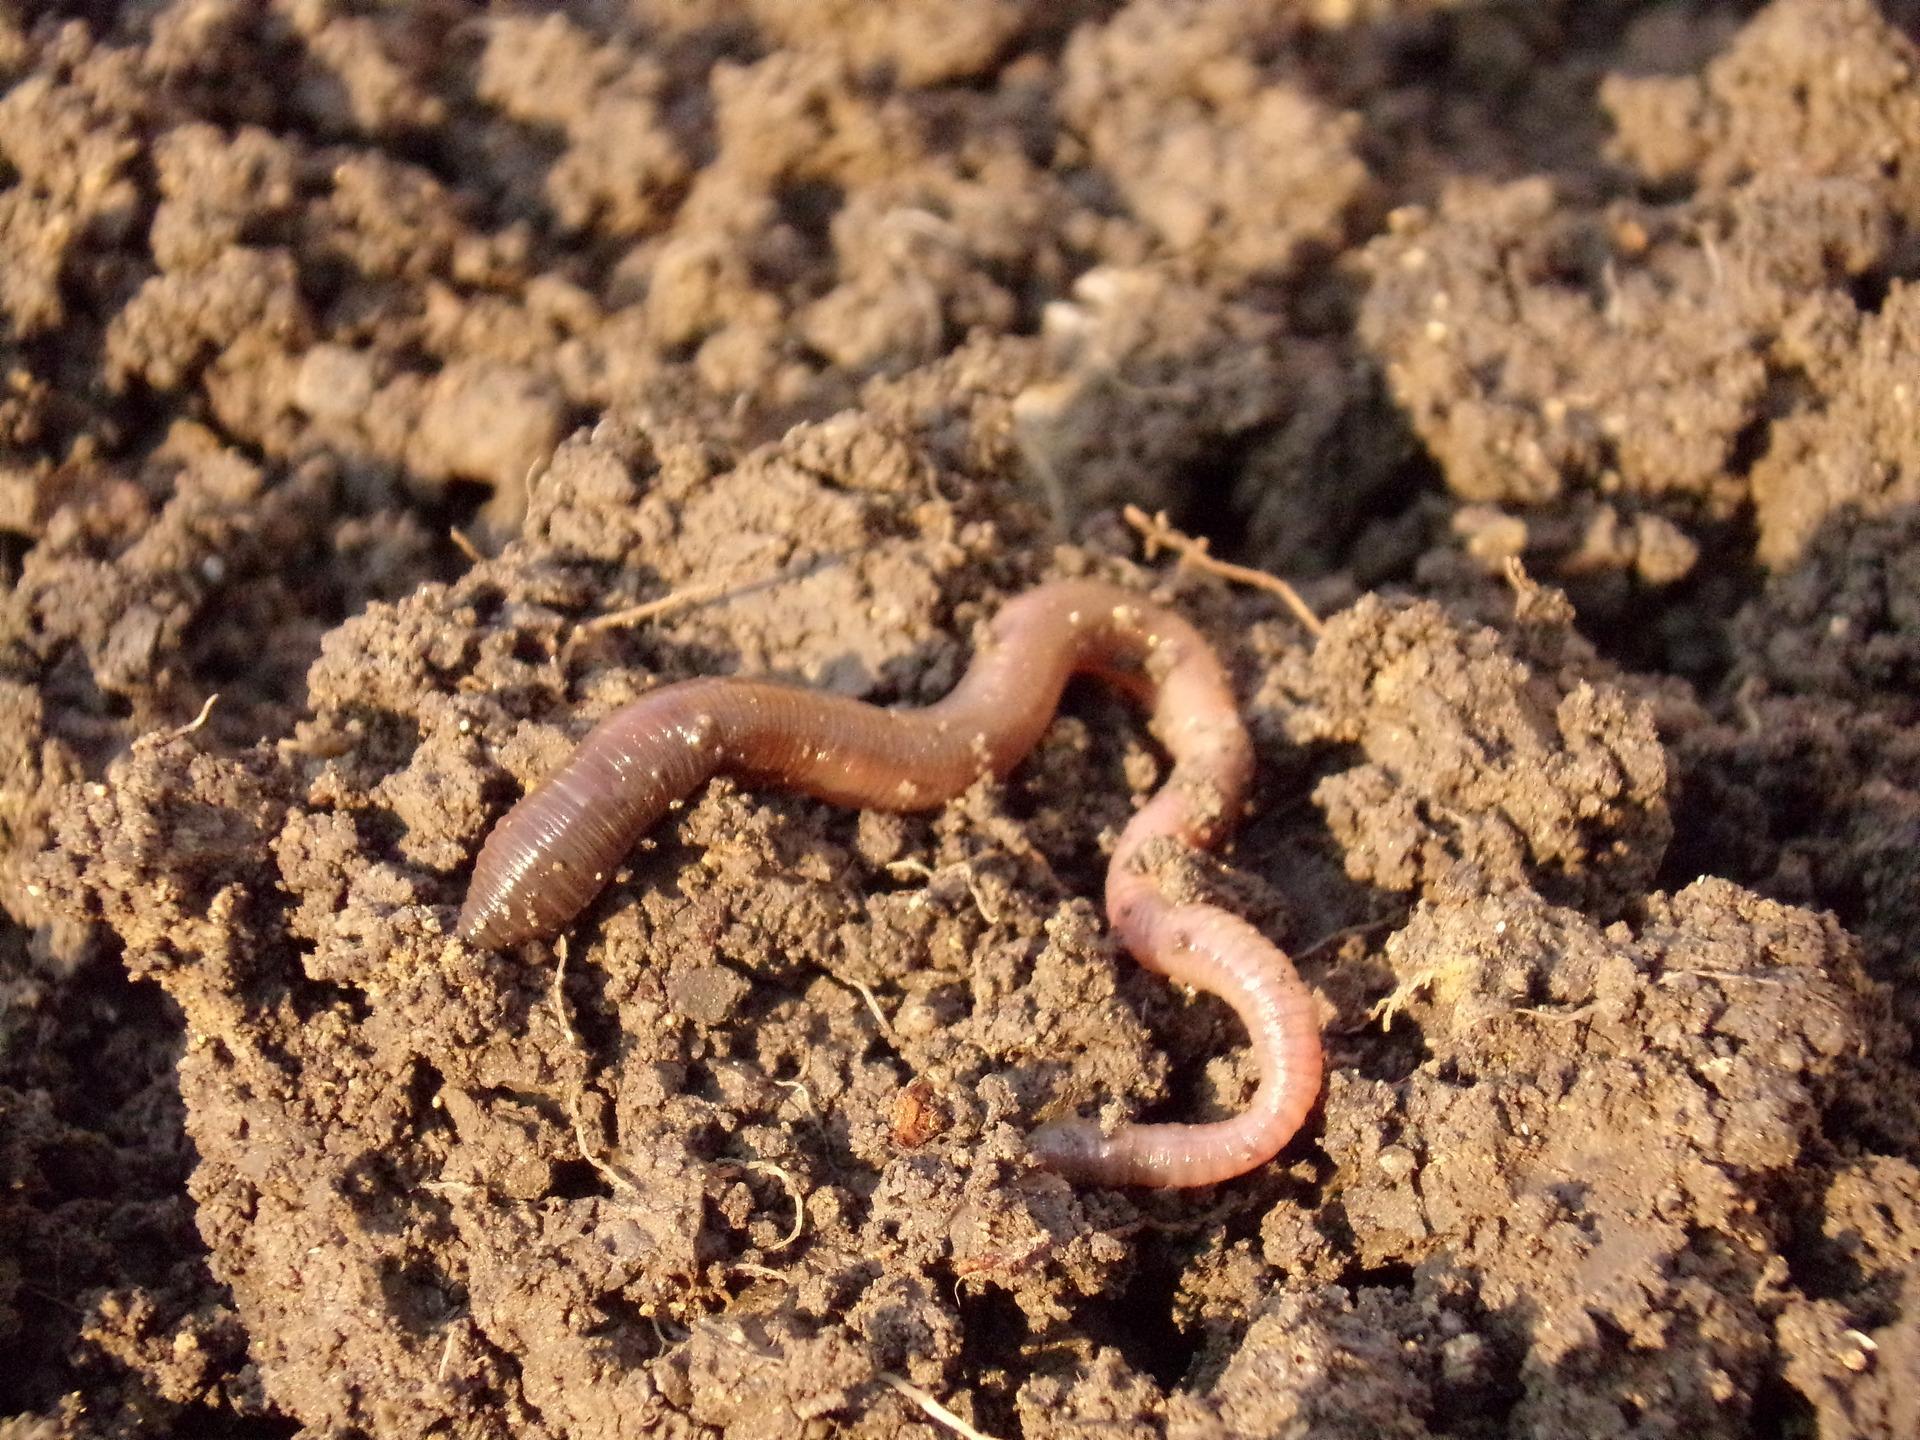 earthworm-686593_1920